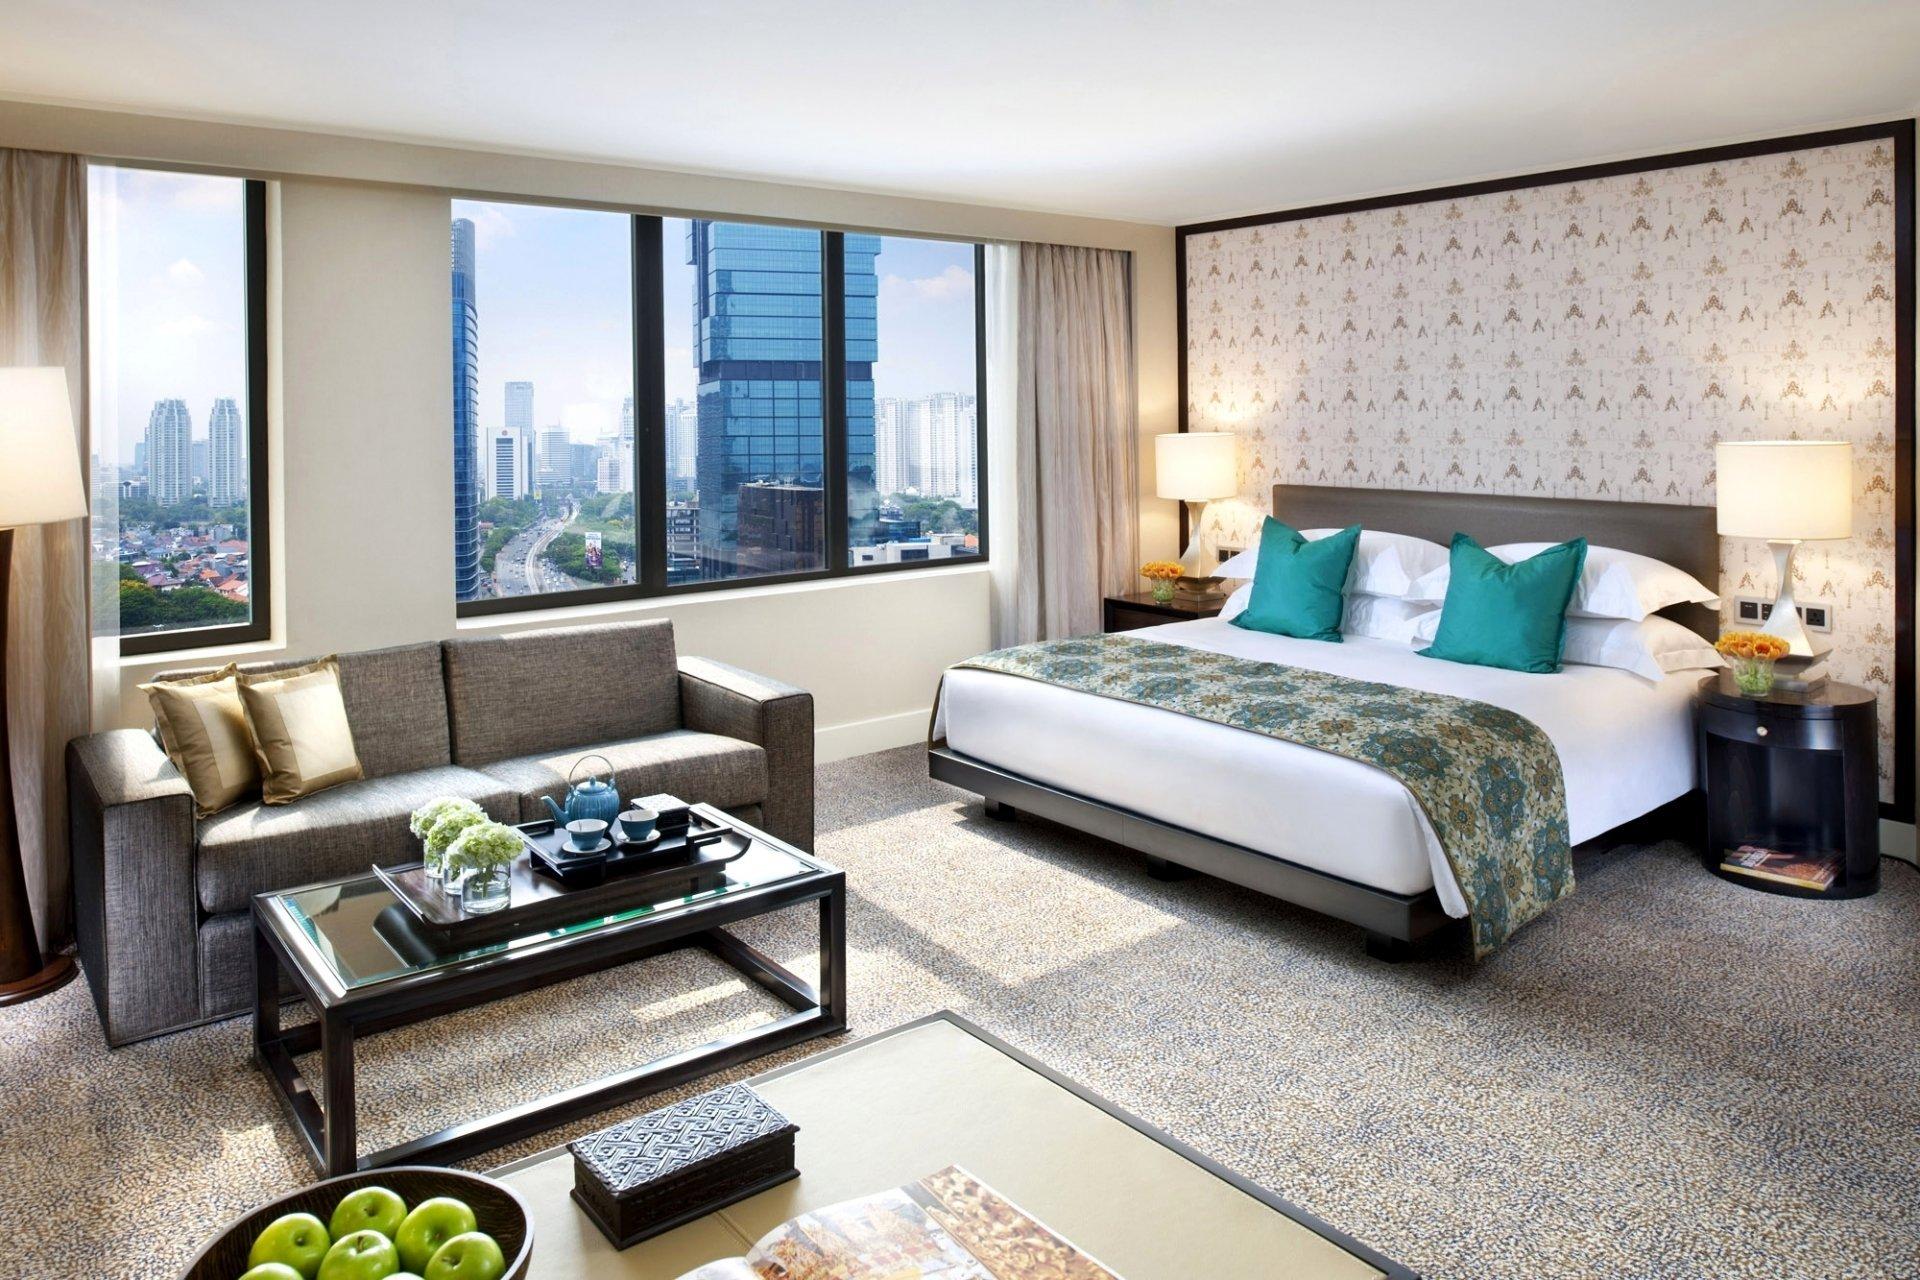 дизайн комнаты 17 кв м спальни гостиной